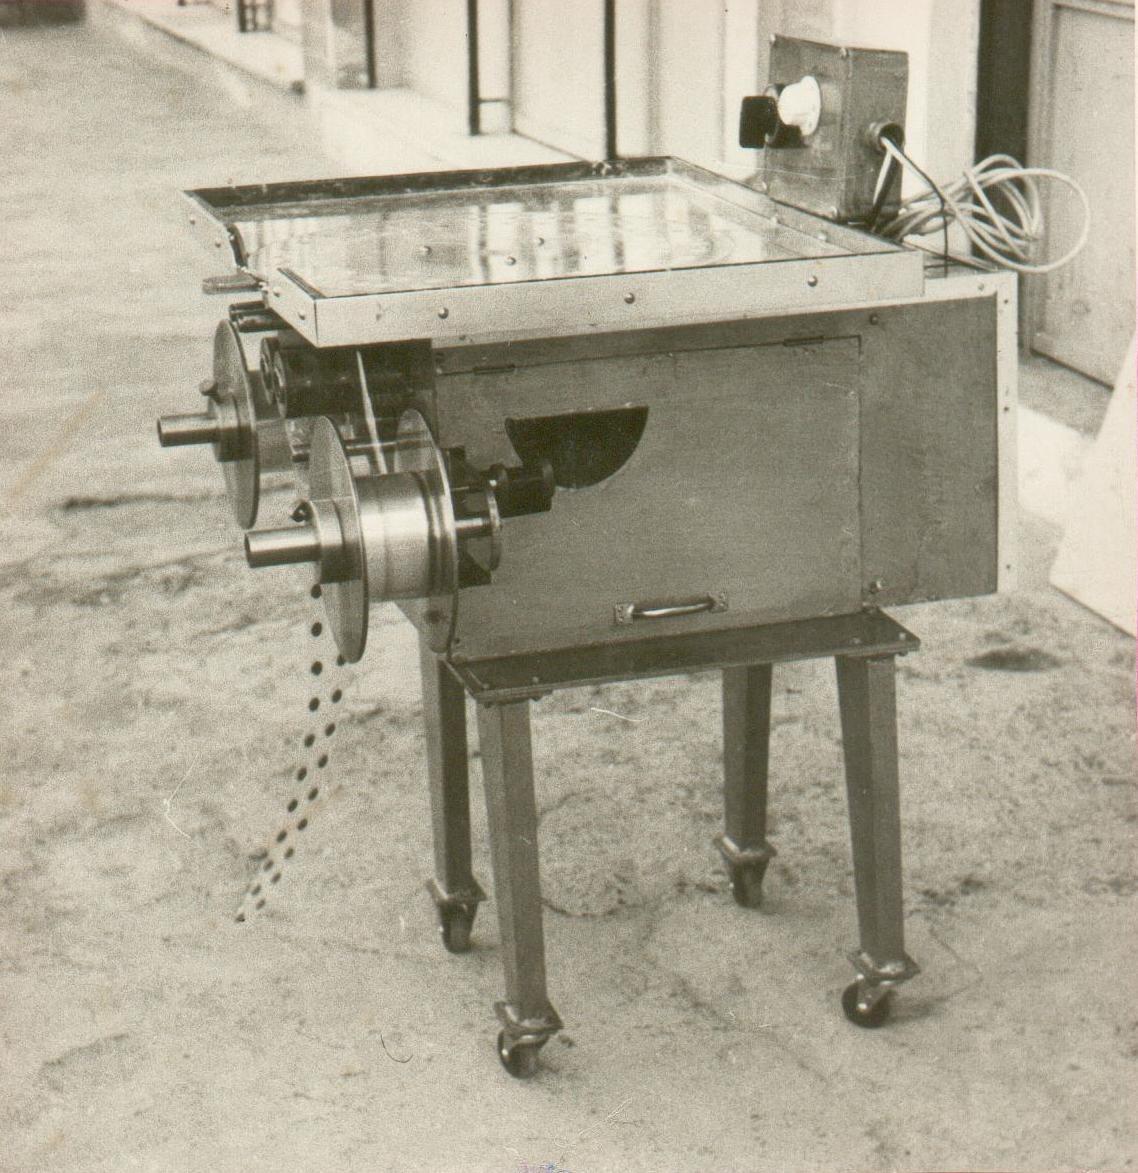 Από τις πρώτες κατασκευές του είναι μια μηχανή συσκευασίας φαρμάκων.